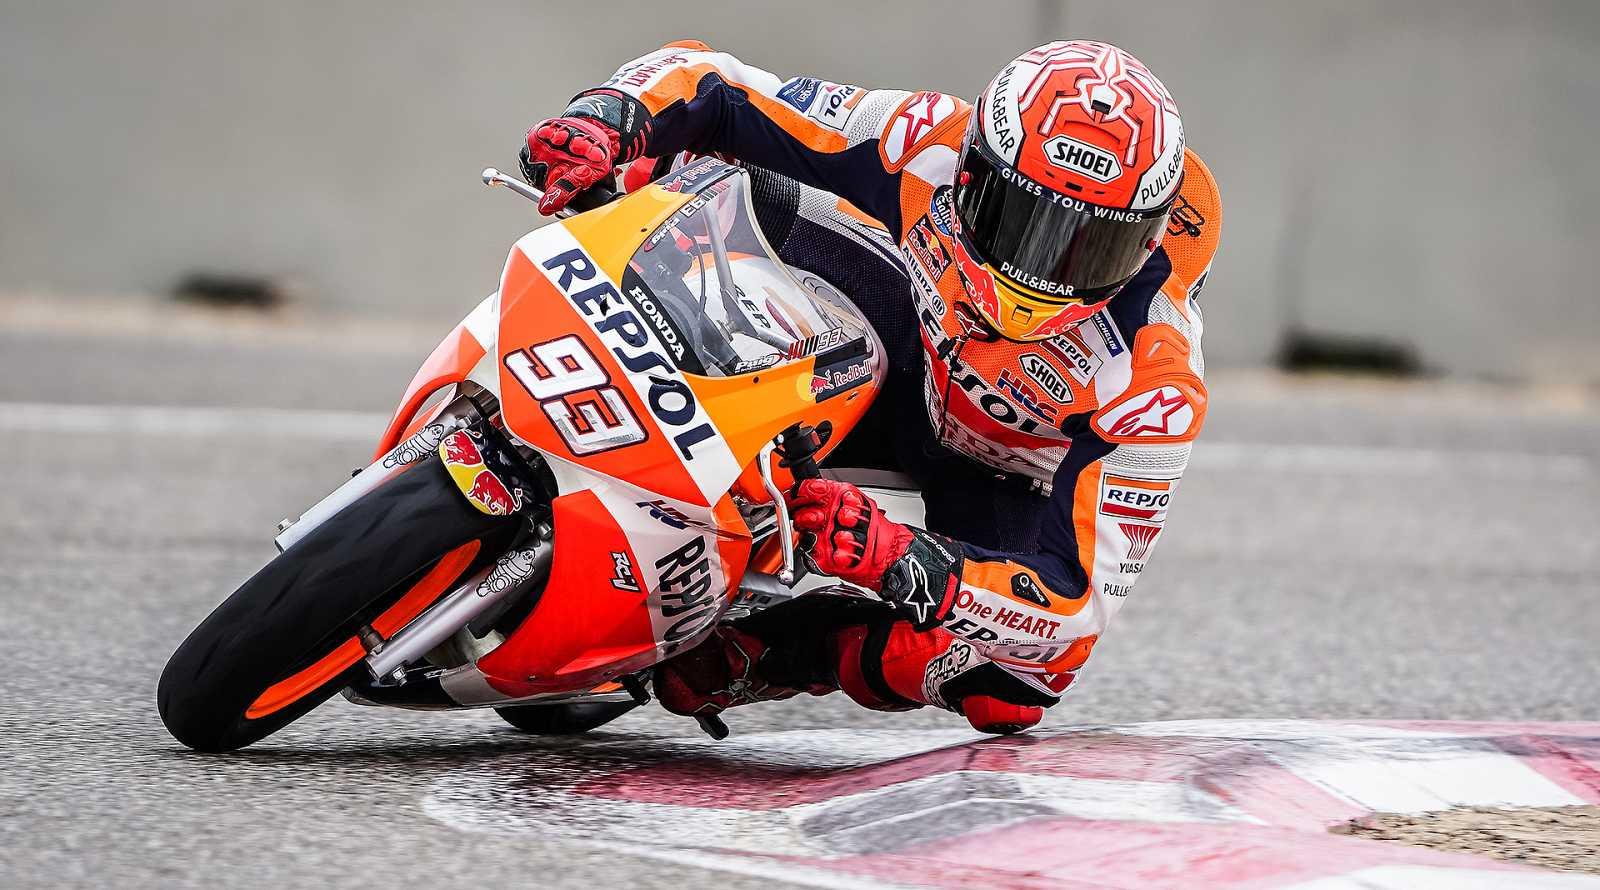 Márquez rueda en una minimoto antes de los test de Sepang